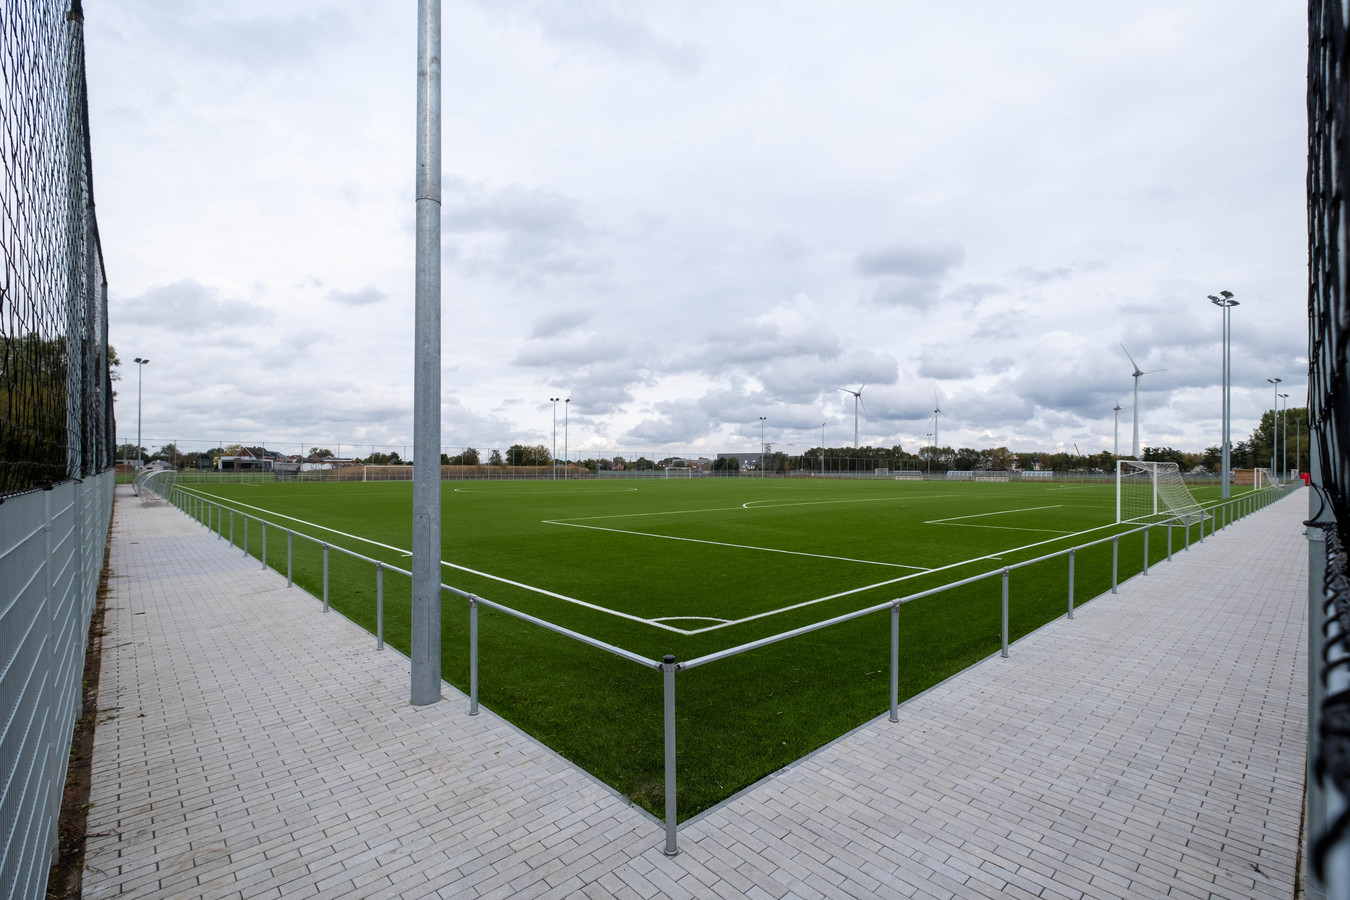 PUURS-SINT-AMANDS - De nieuwe voetbalvelden aan de Lichterstraat in Puurs